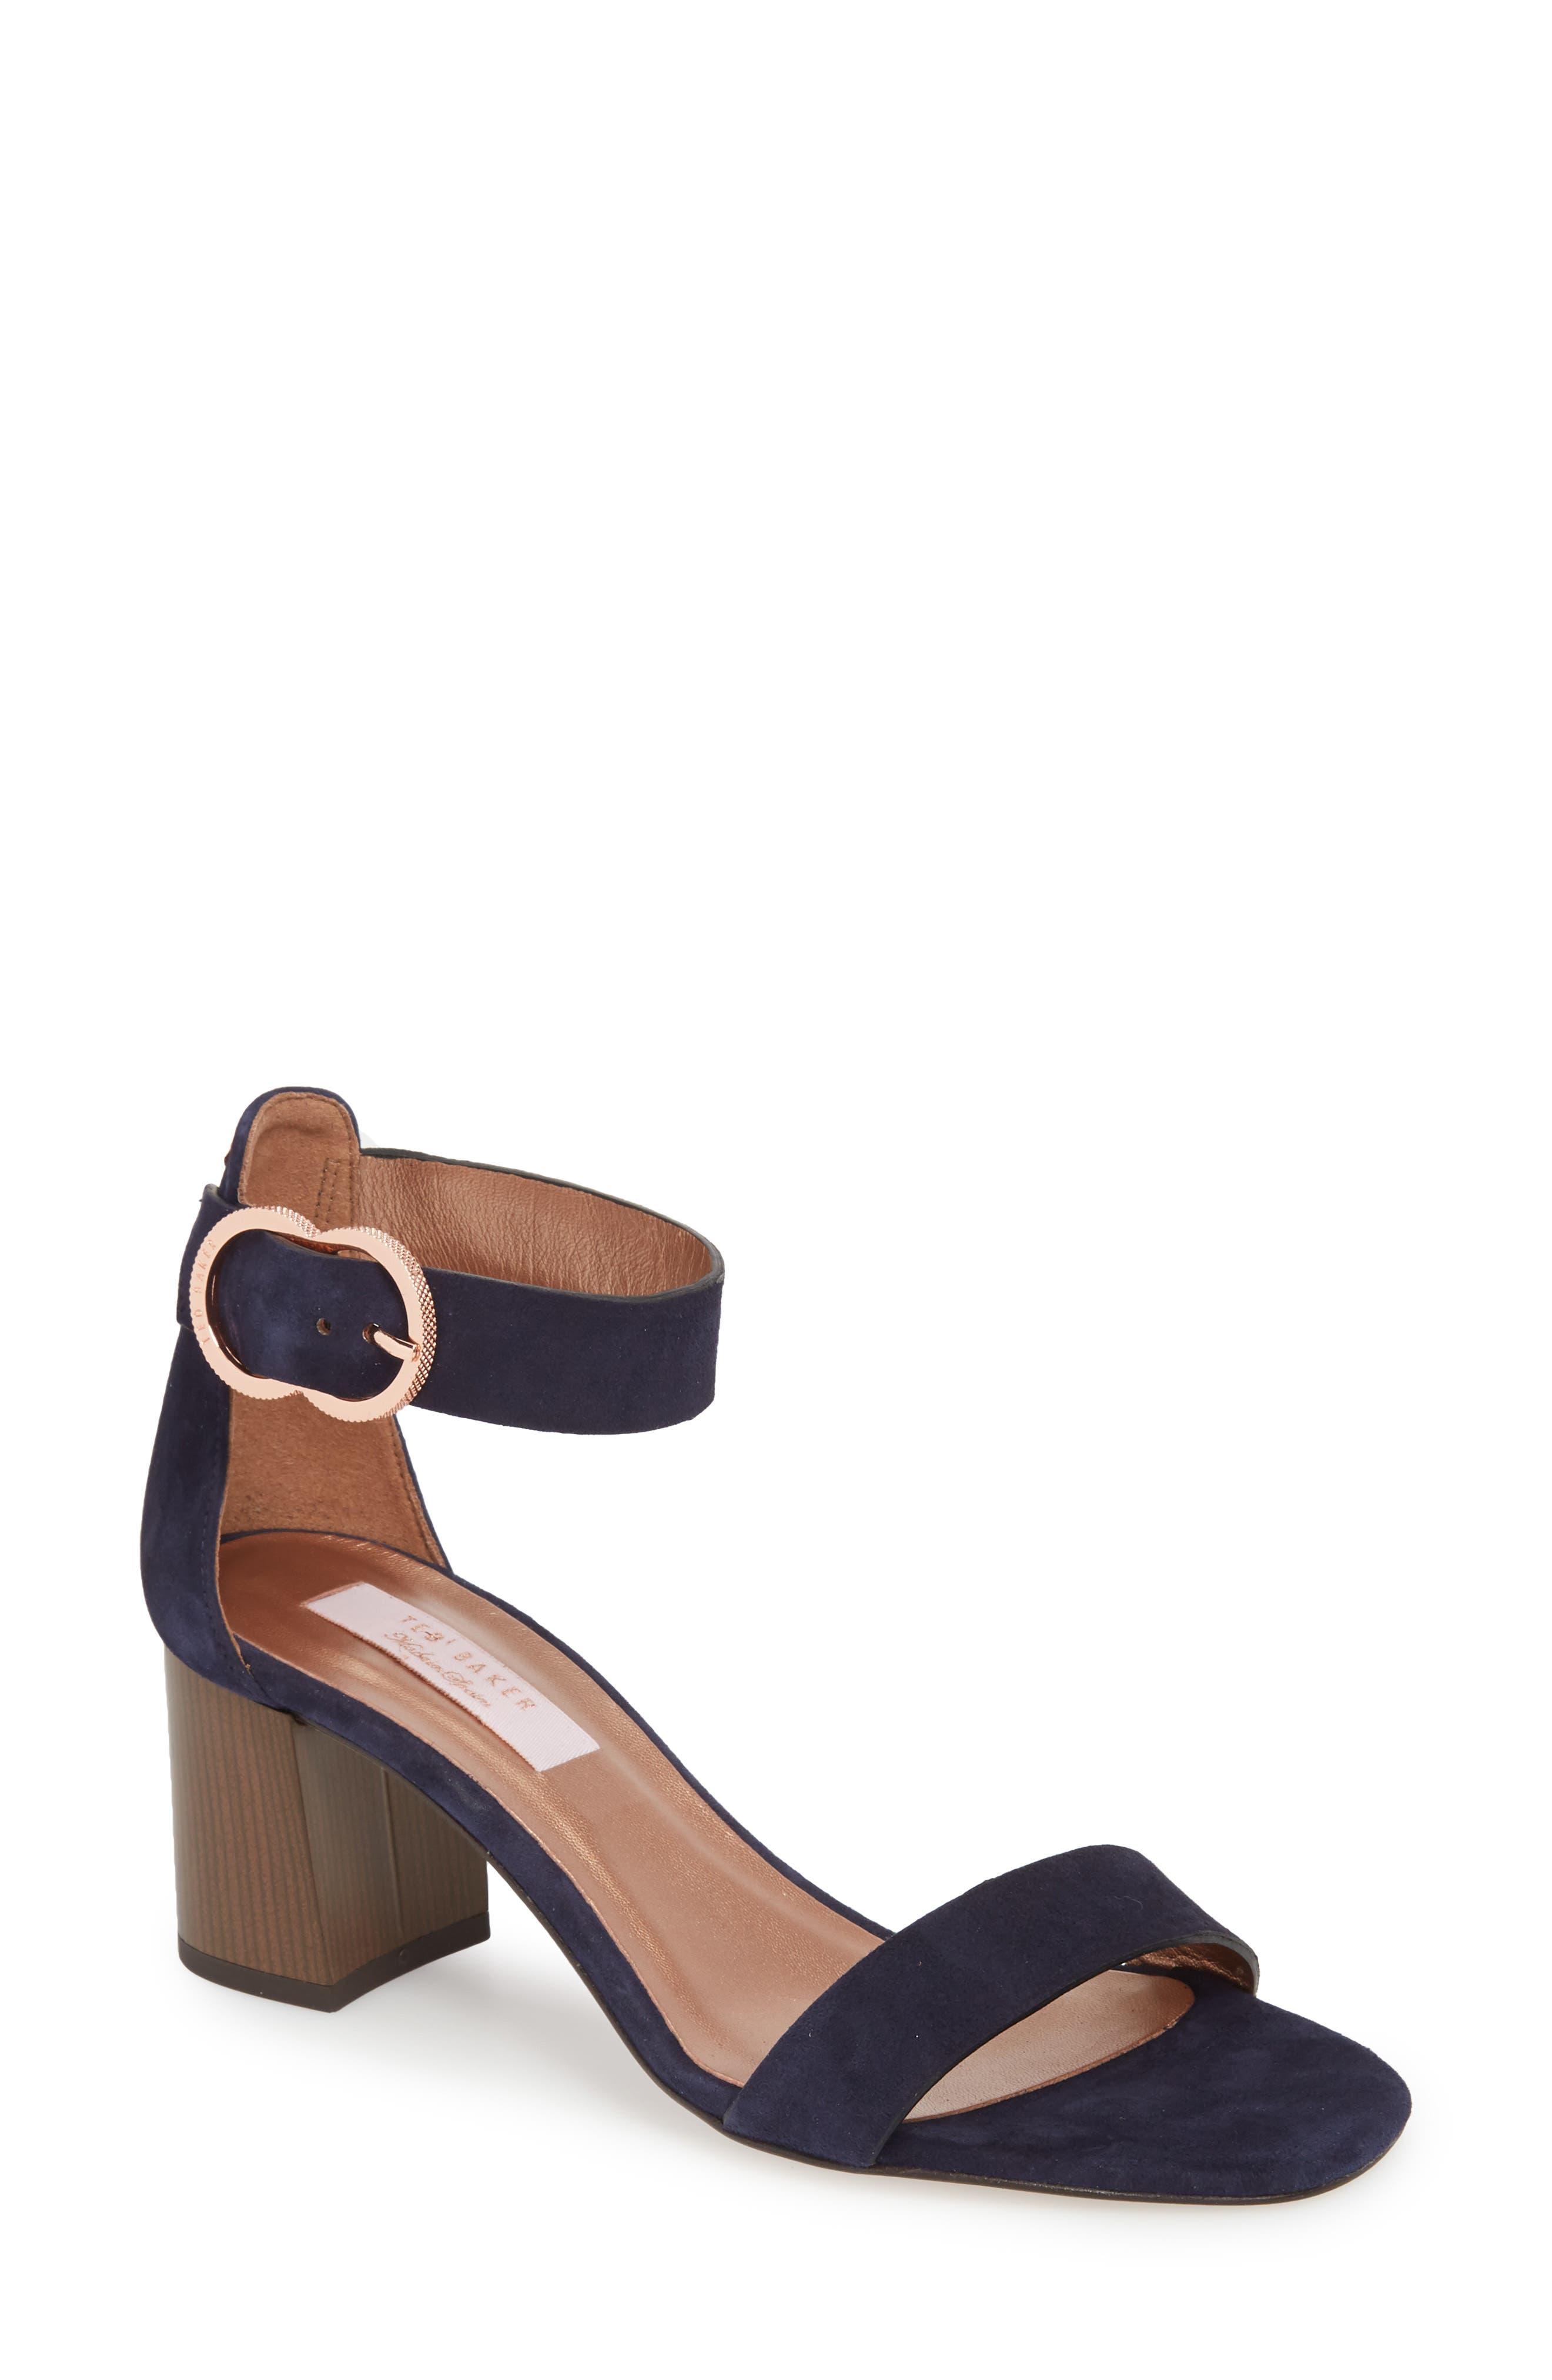 Qarvas Sandal,                         Main,                         color, Navy Suede